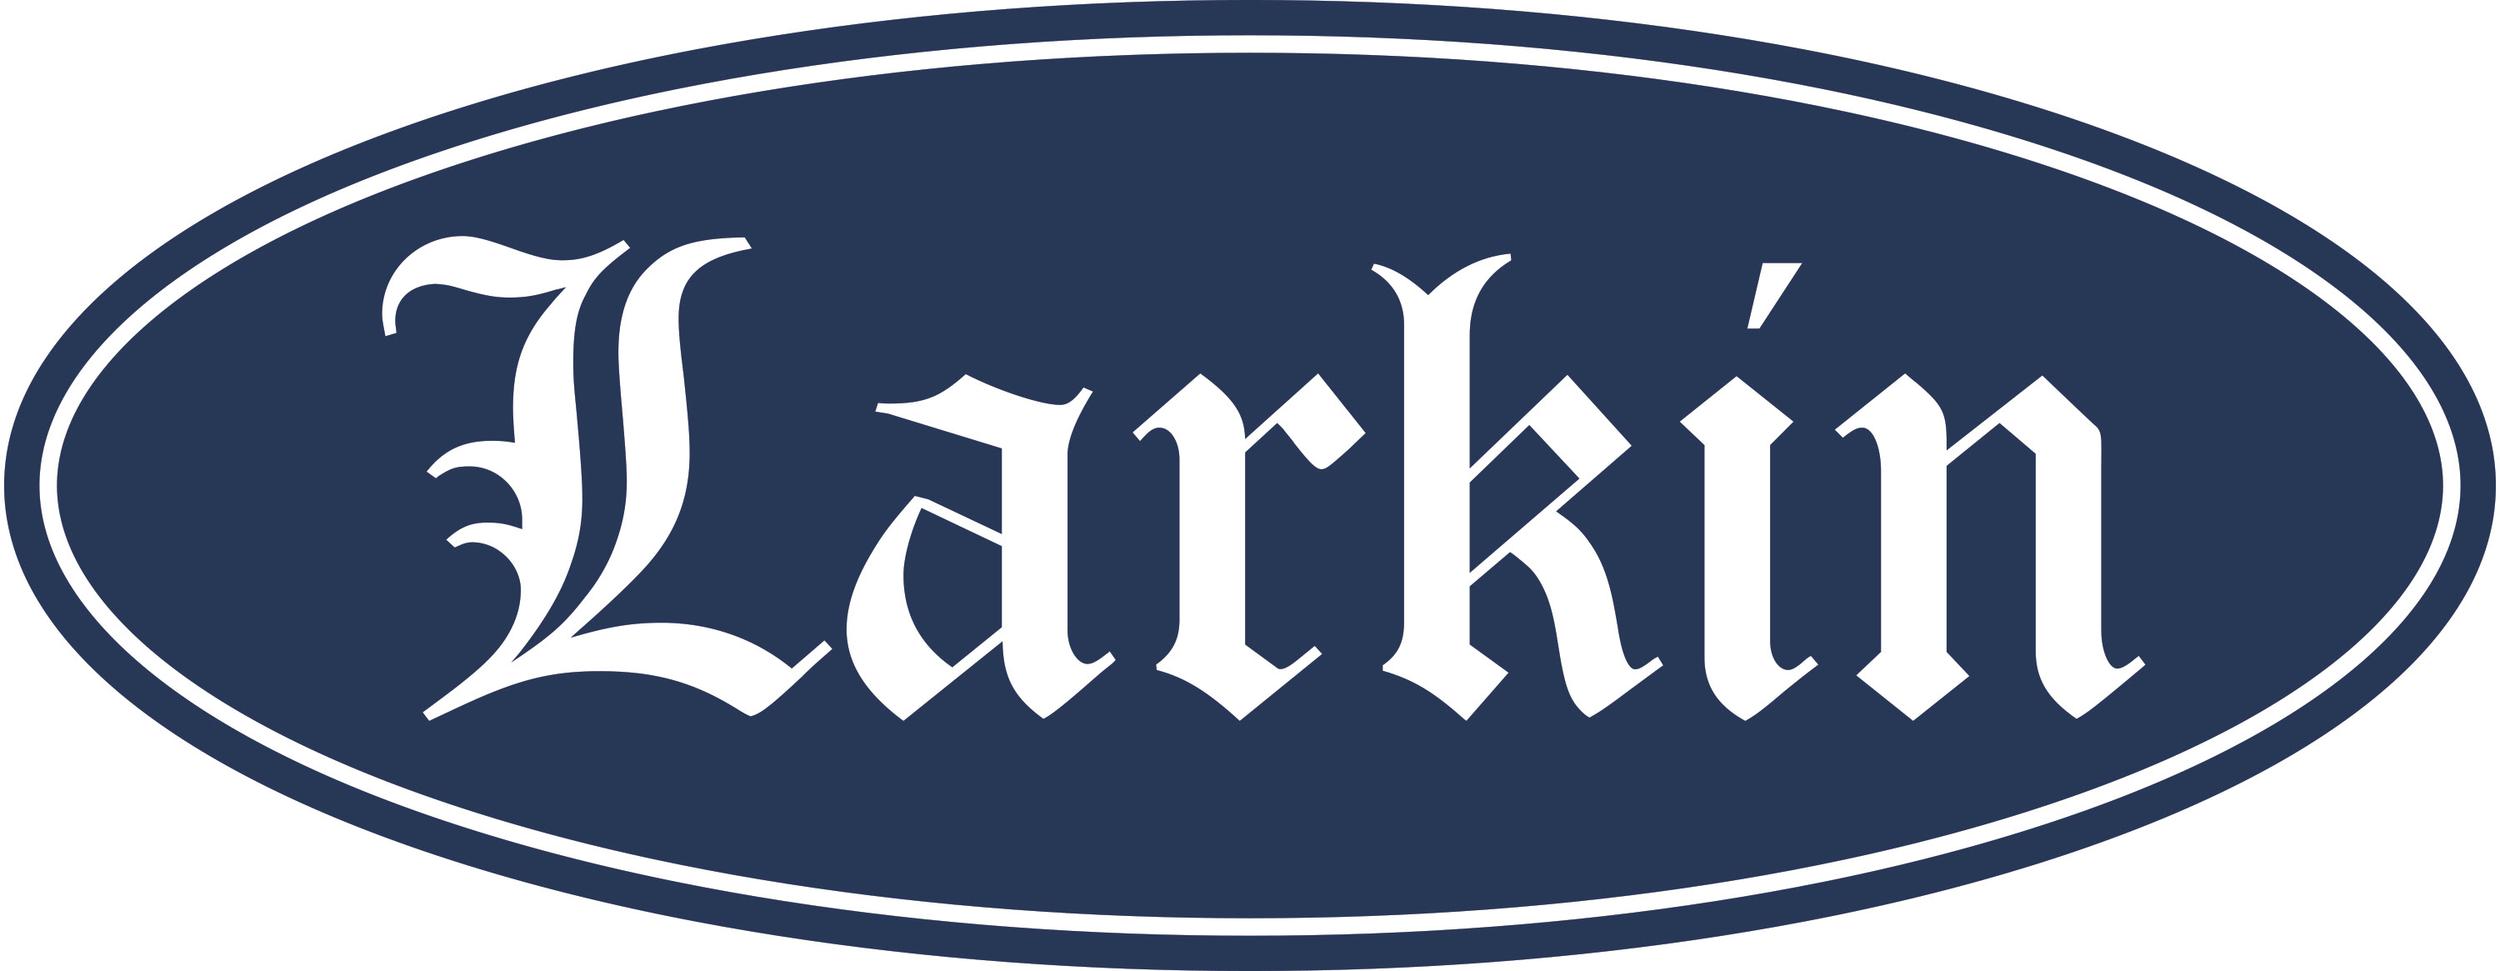 Gold - Larkin logo.png